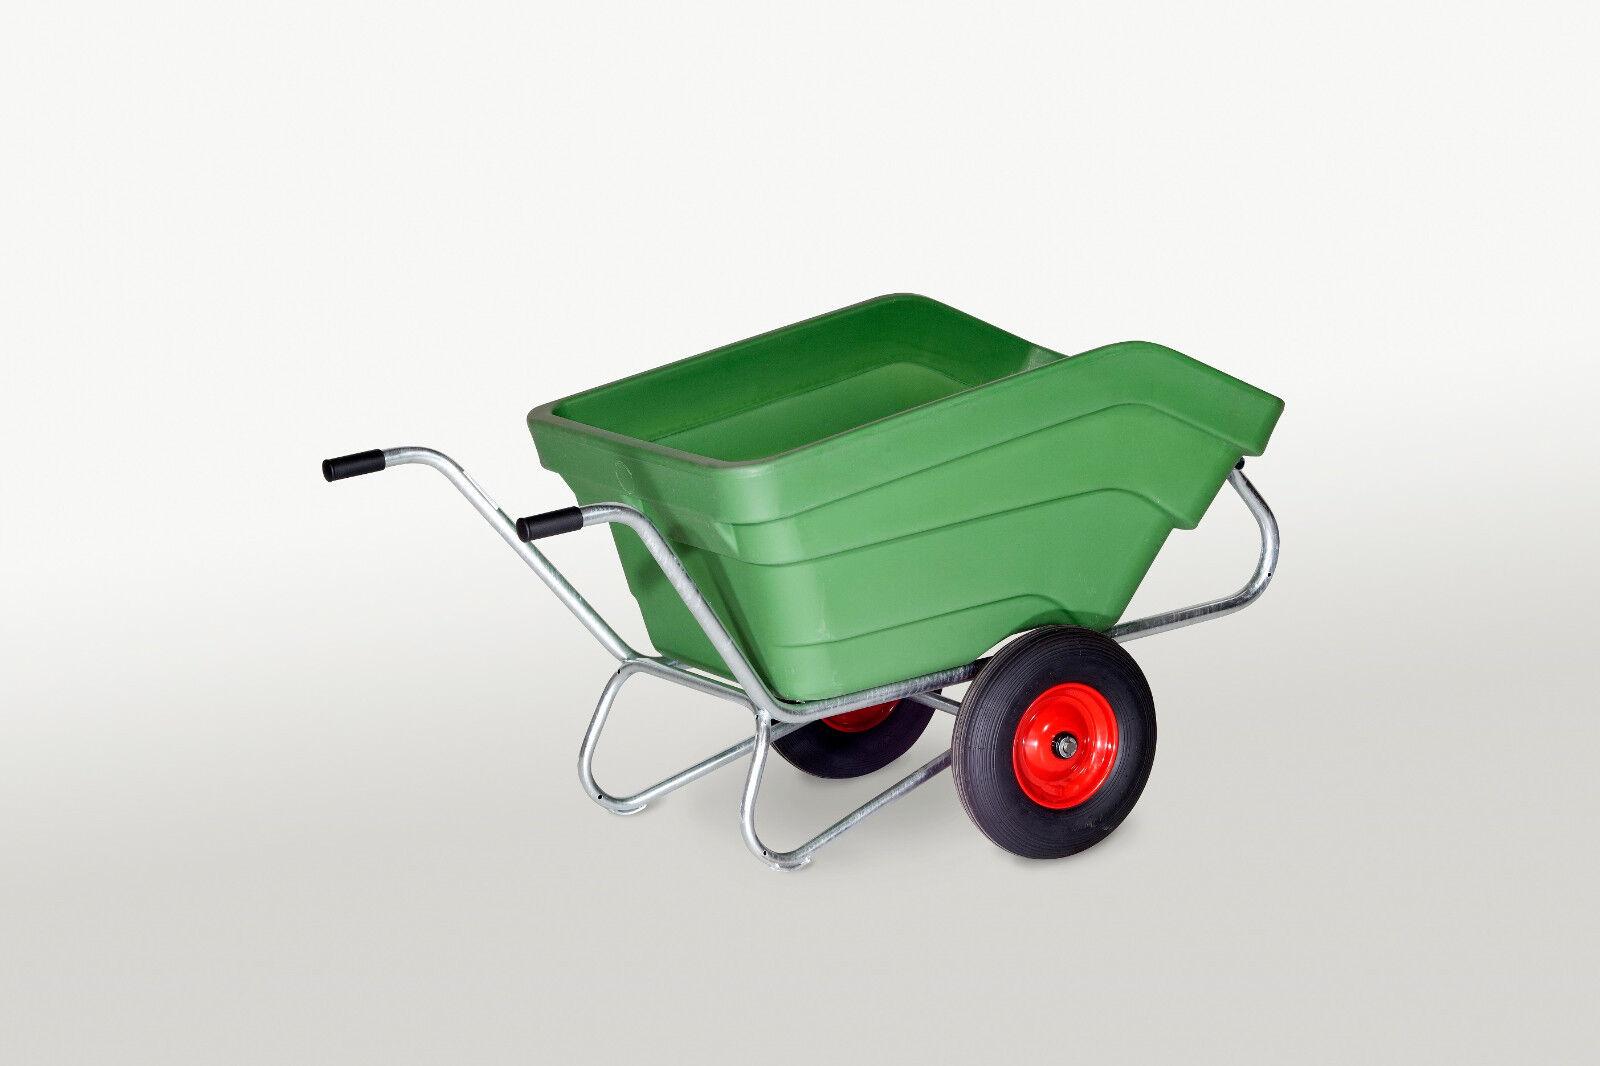 Hofkarre Karre 2-Radkarre Schubkarre 350 Liter pannensichere Räder verzinkt